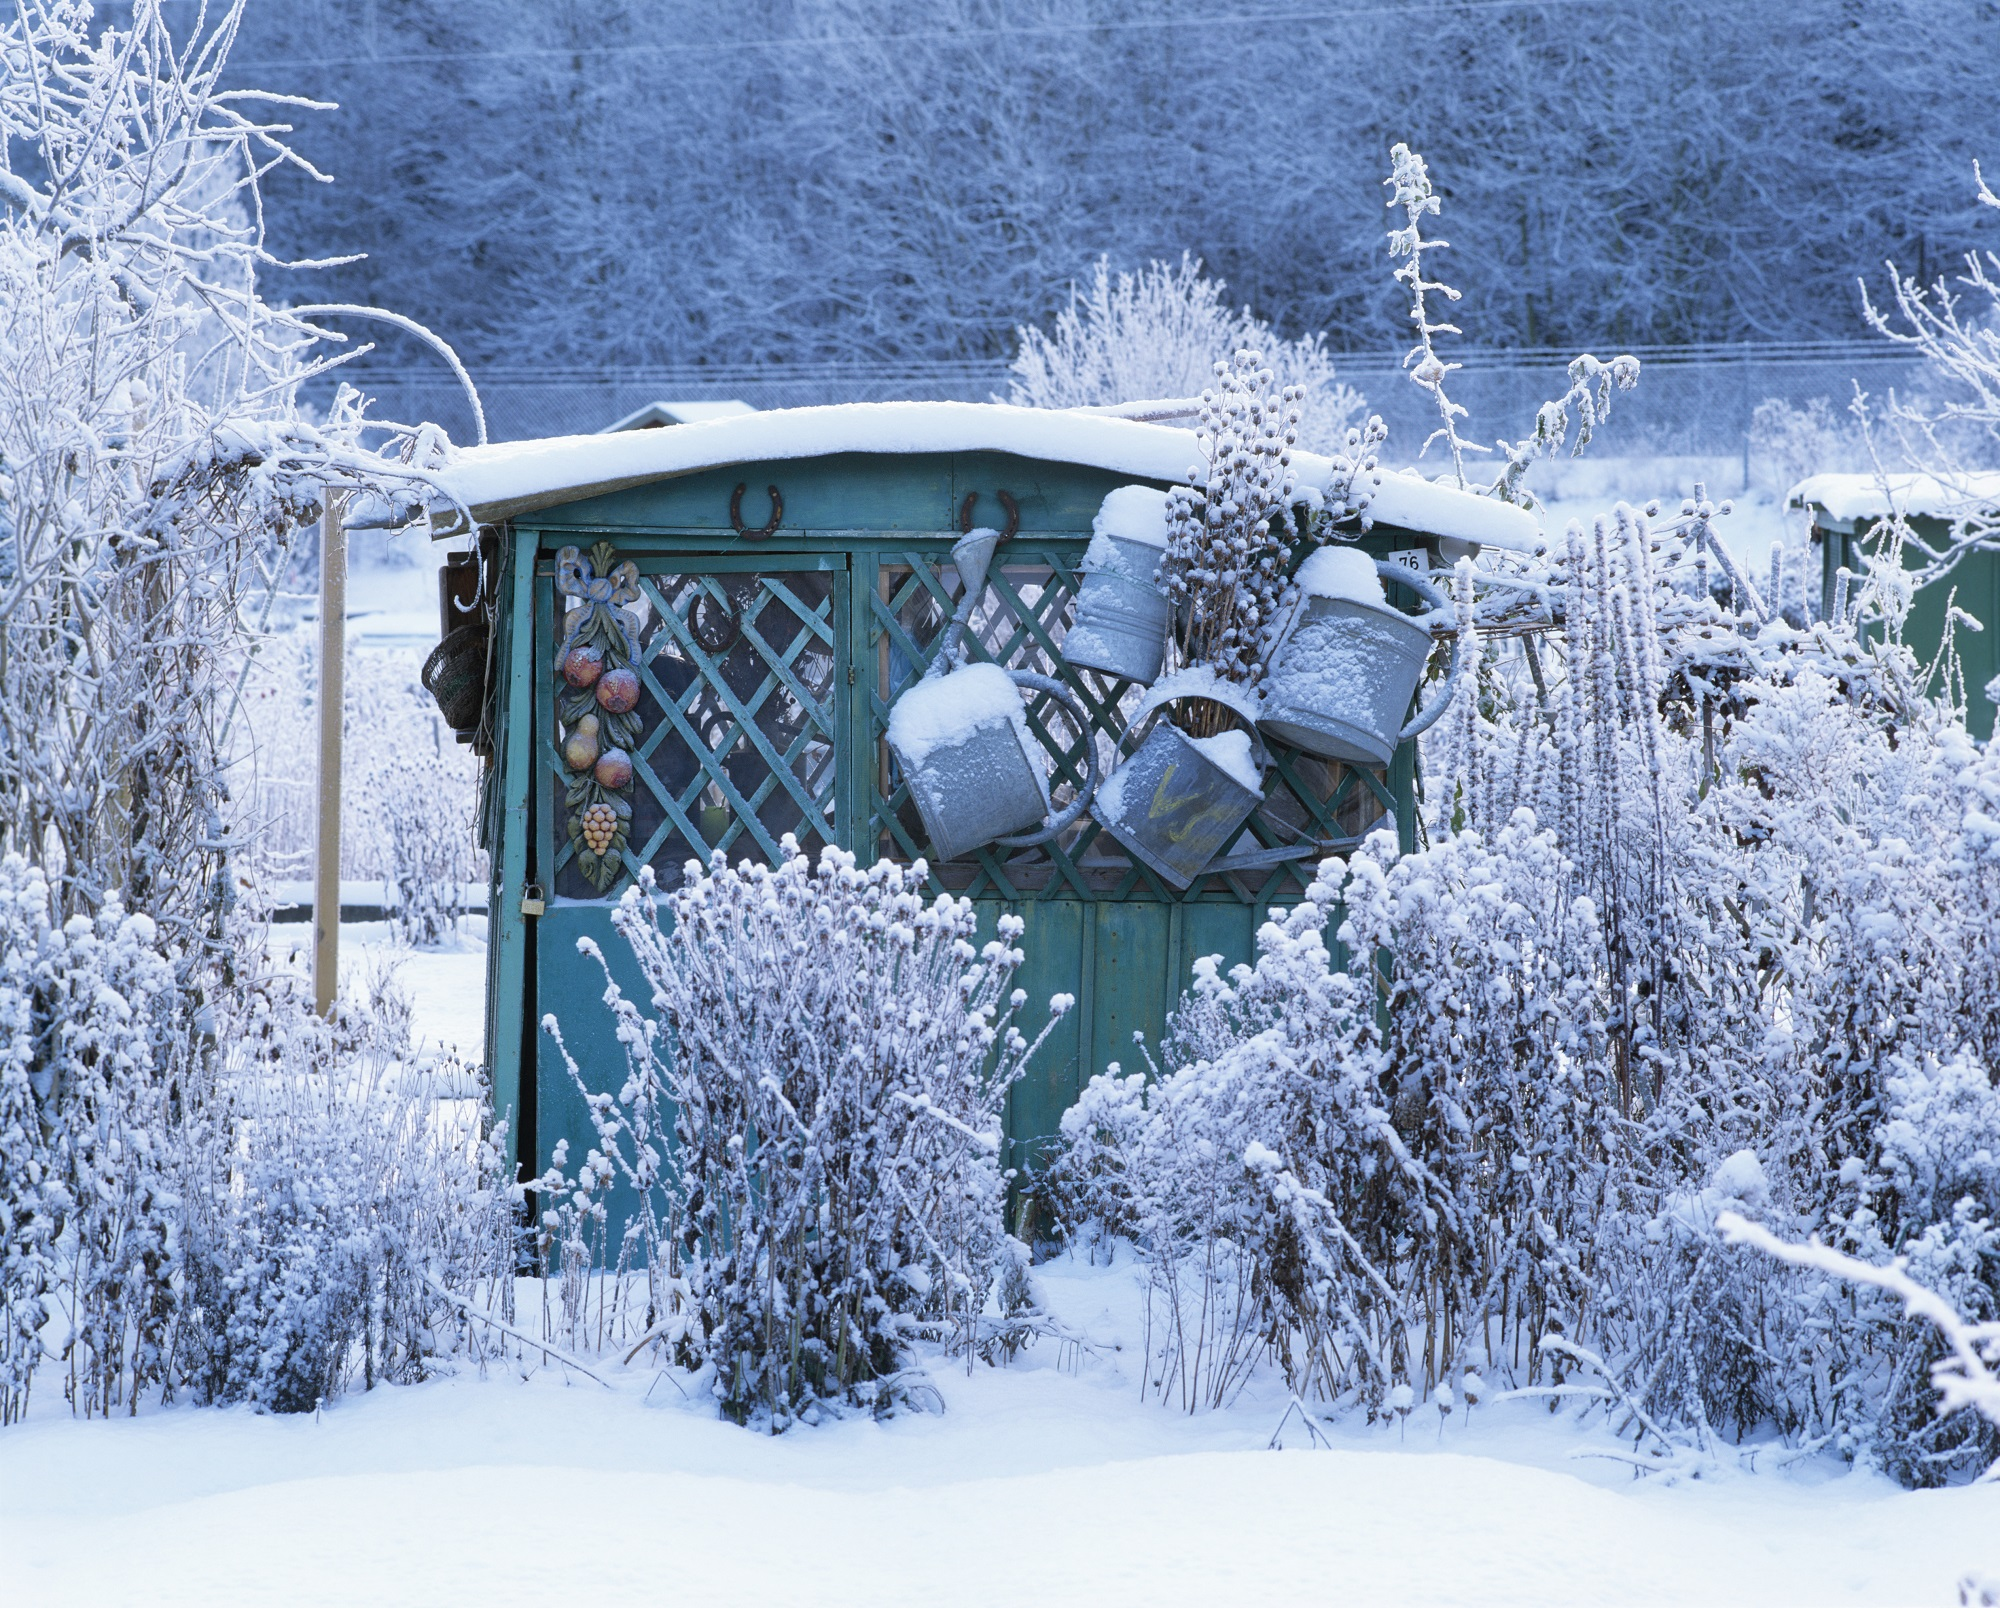 Календарь садовода и огородника декабрь 2018. Источник фото: Shutterstock